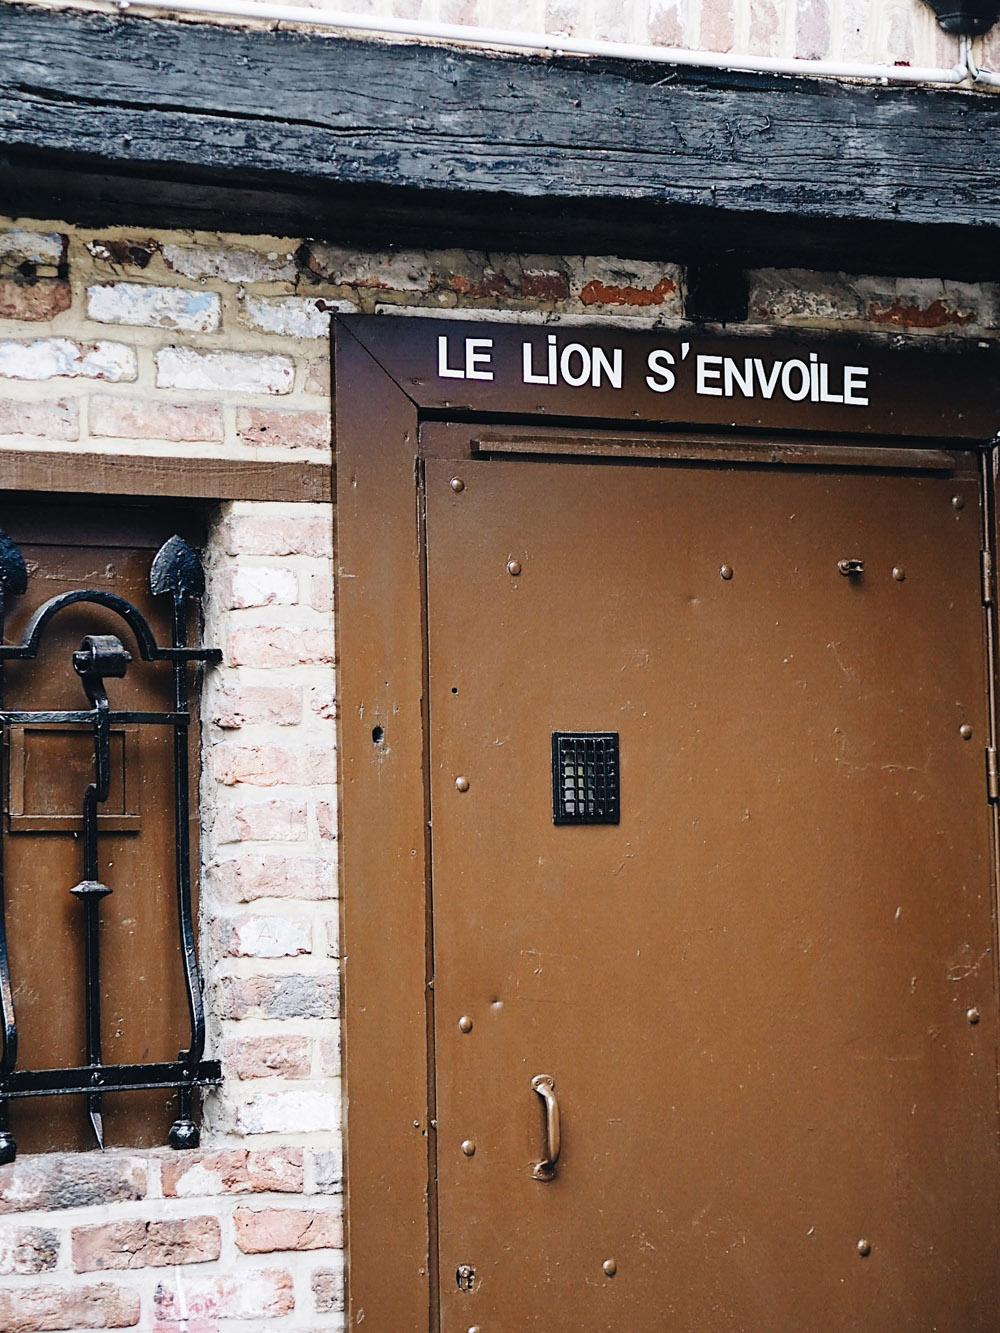 oucoubonheur_Travelblog_Luettich_Liège